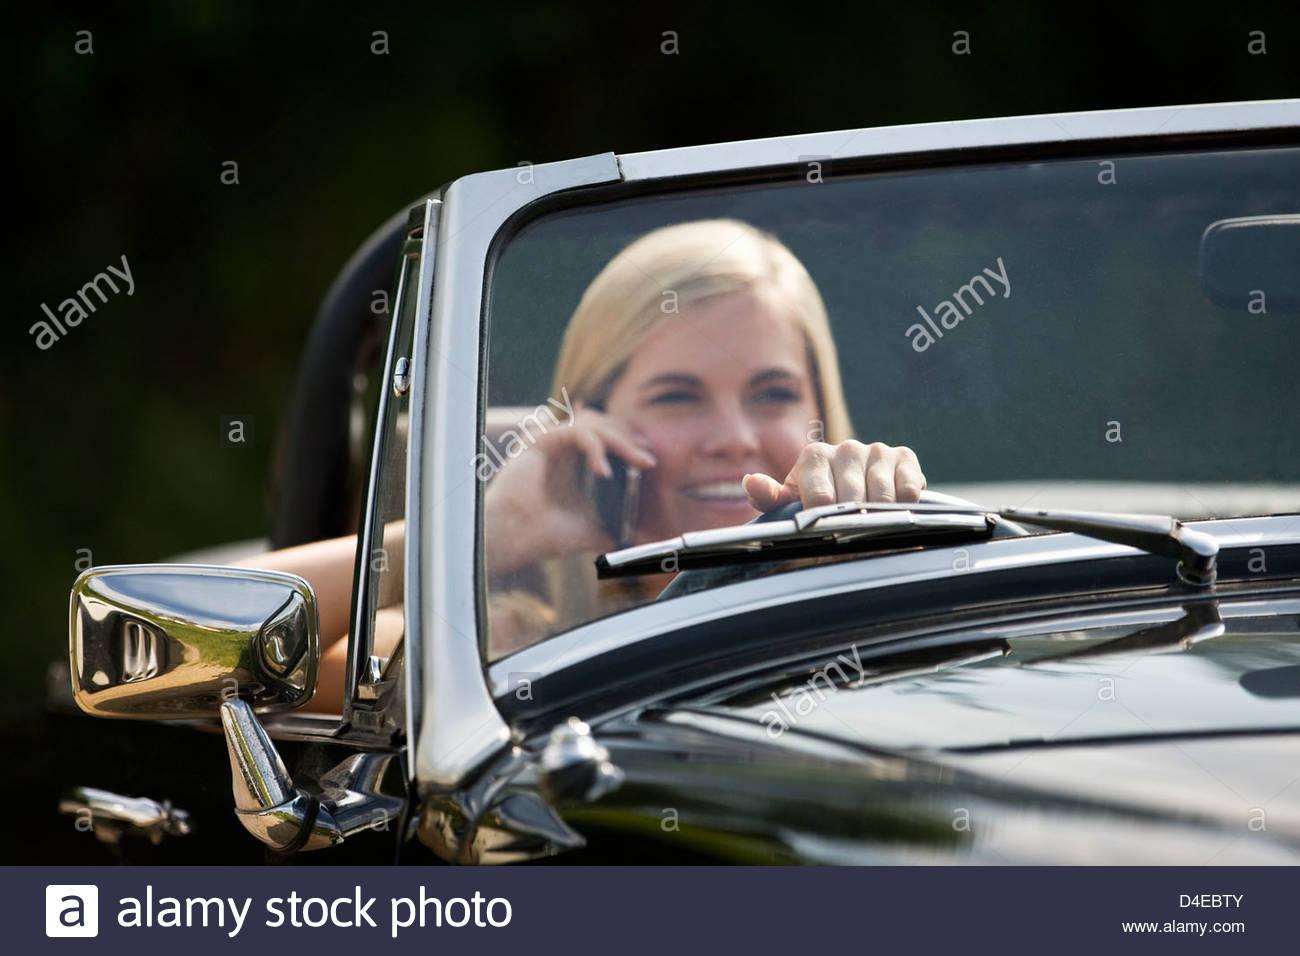 Eine junge Frau, die eine schwarze Sportwagen mit einem Mobiltelefon Stockbild